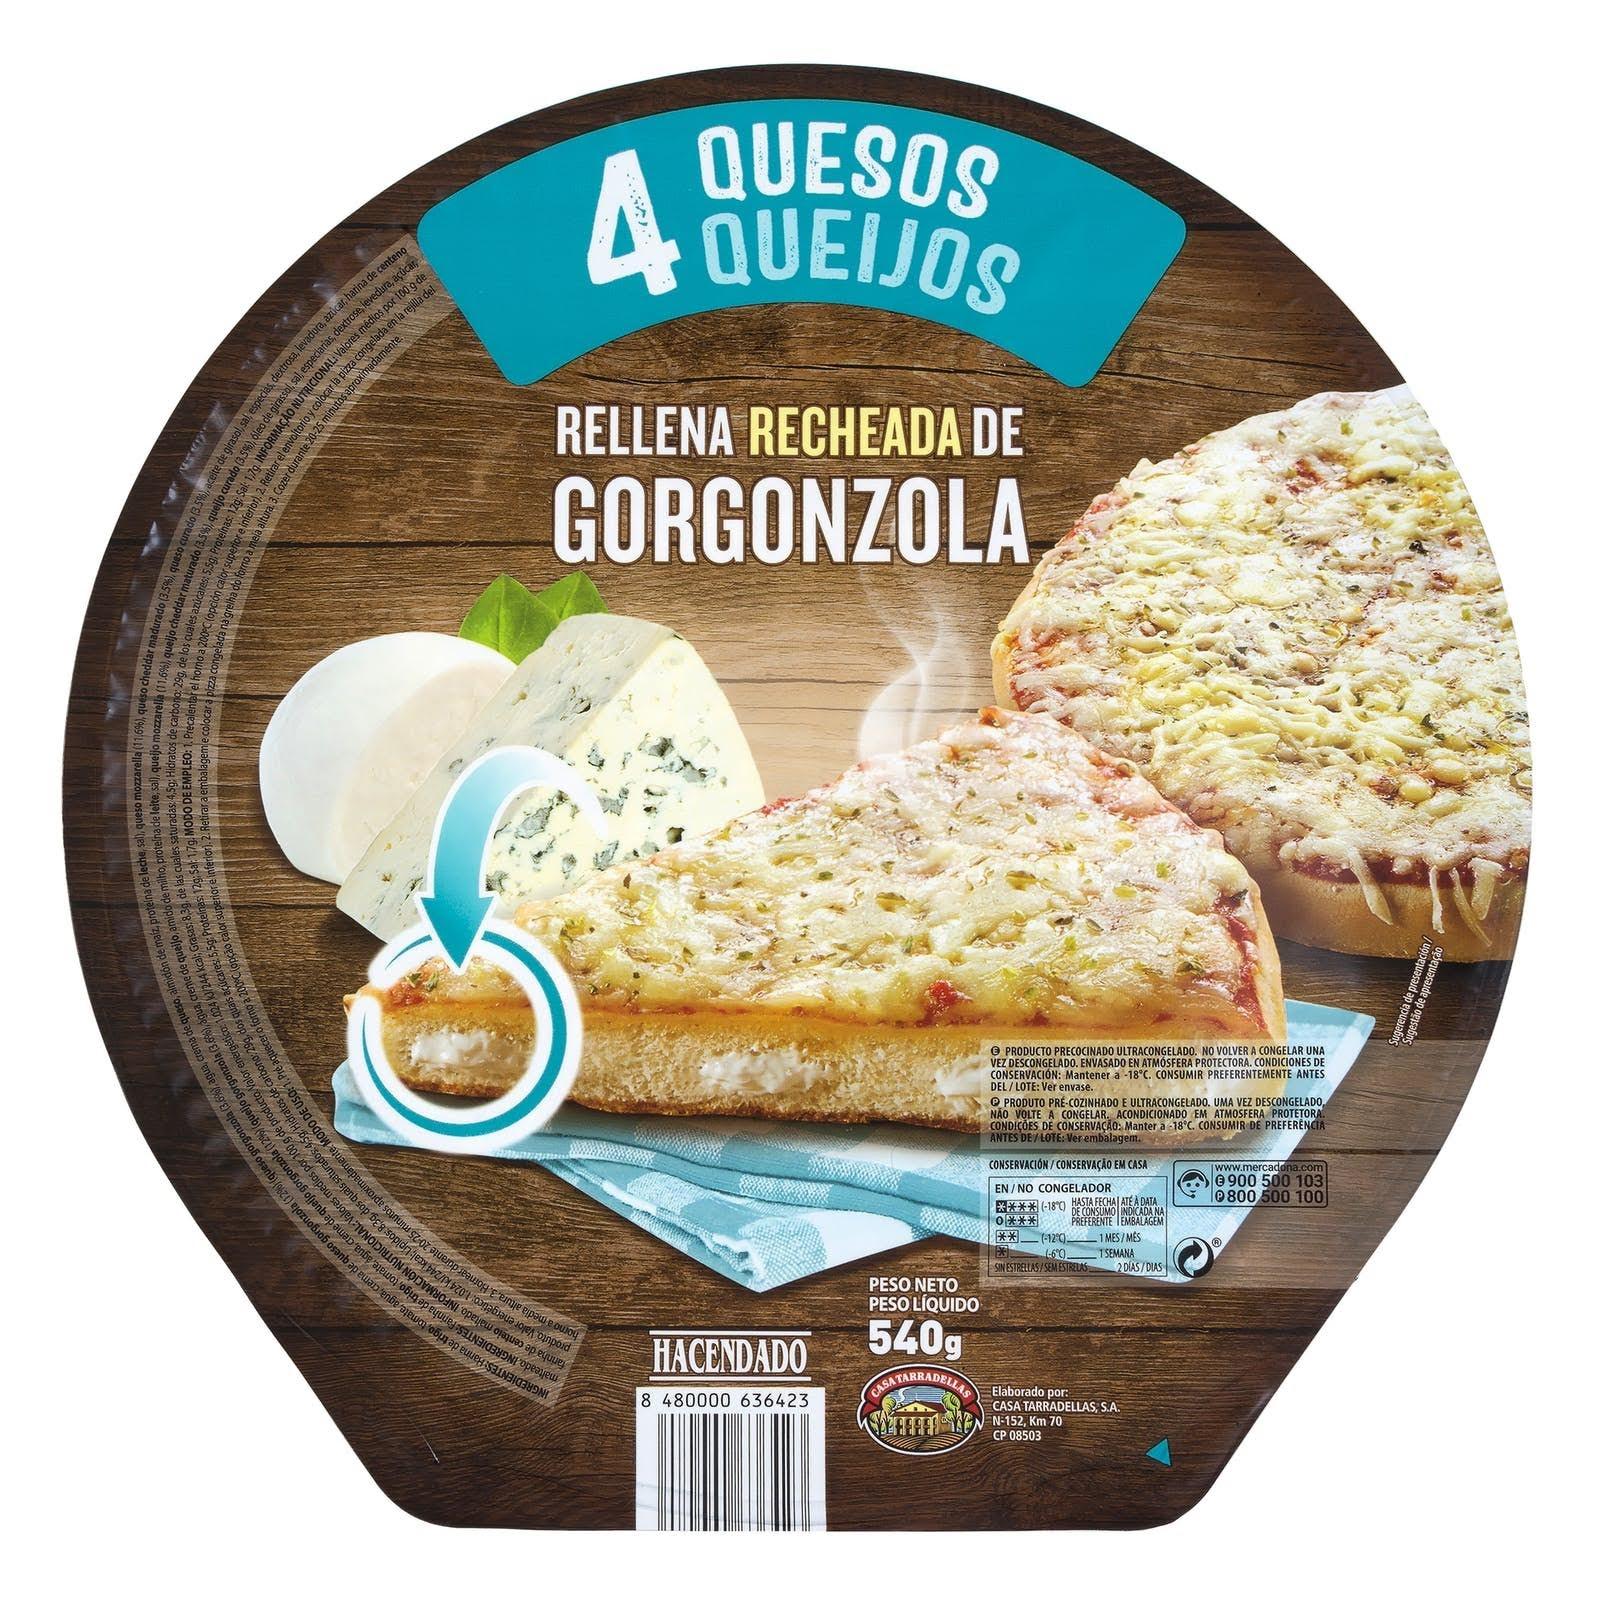 Pizza 4 quesos rellena de gorgonzola Hacendado